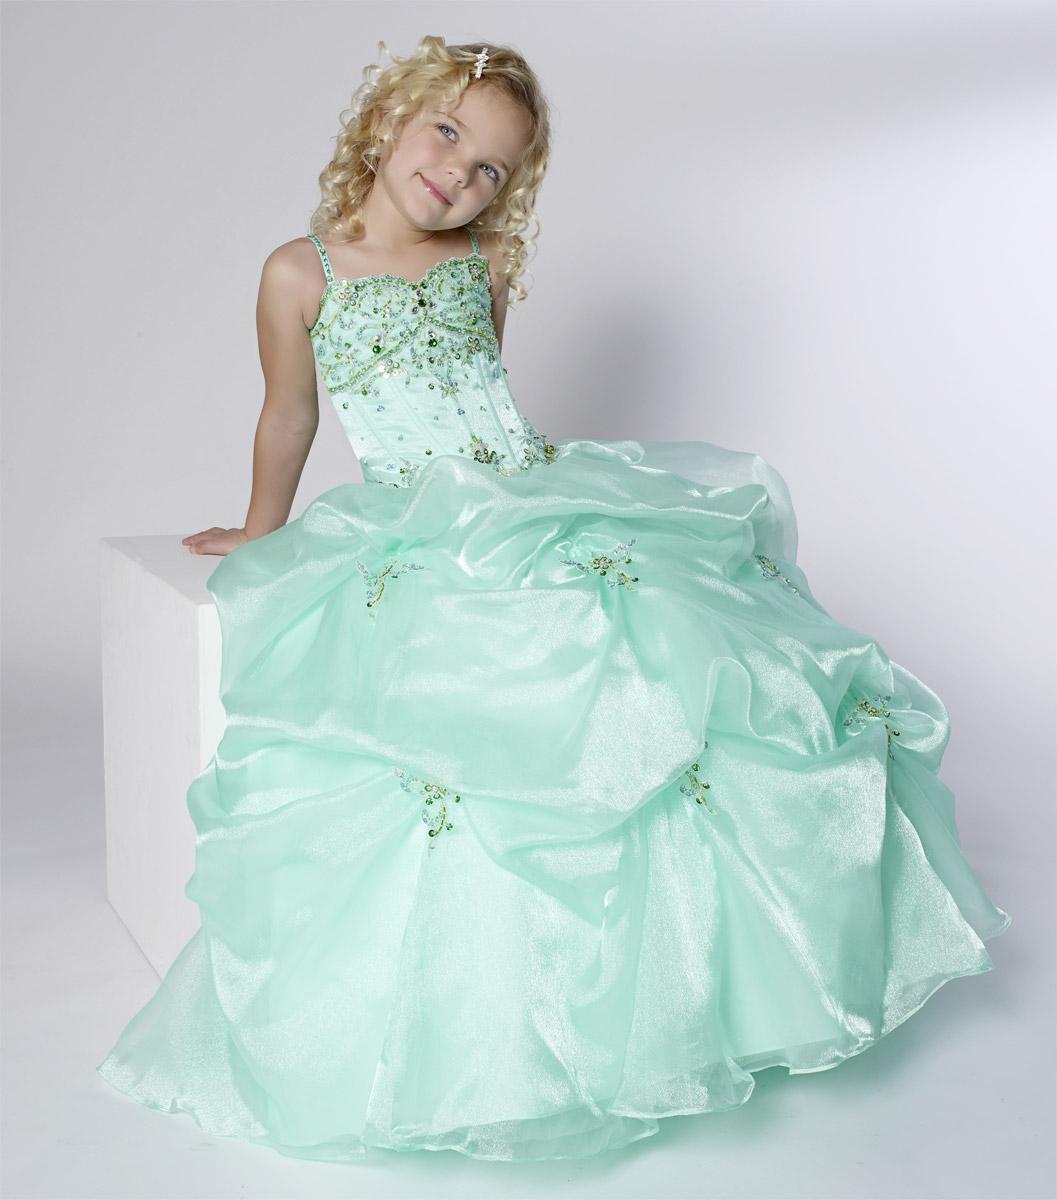 Boże Narodzenie Green Organza Paski Koraliki Kwiat Ślubny Dziewczyna Dress Dziewczyna Spódnica Urodzinowa Korowód Sukienka Custom Rozmiar 2 4 6 8 10 12 F127003